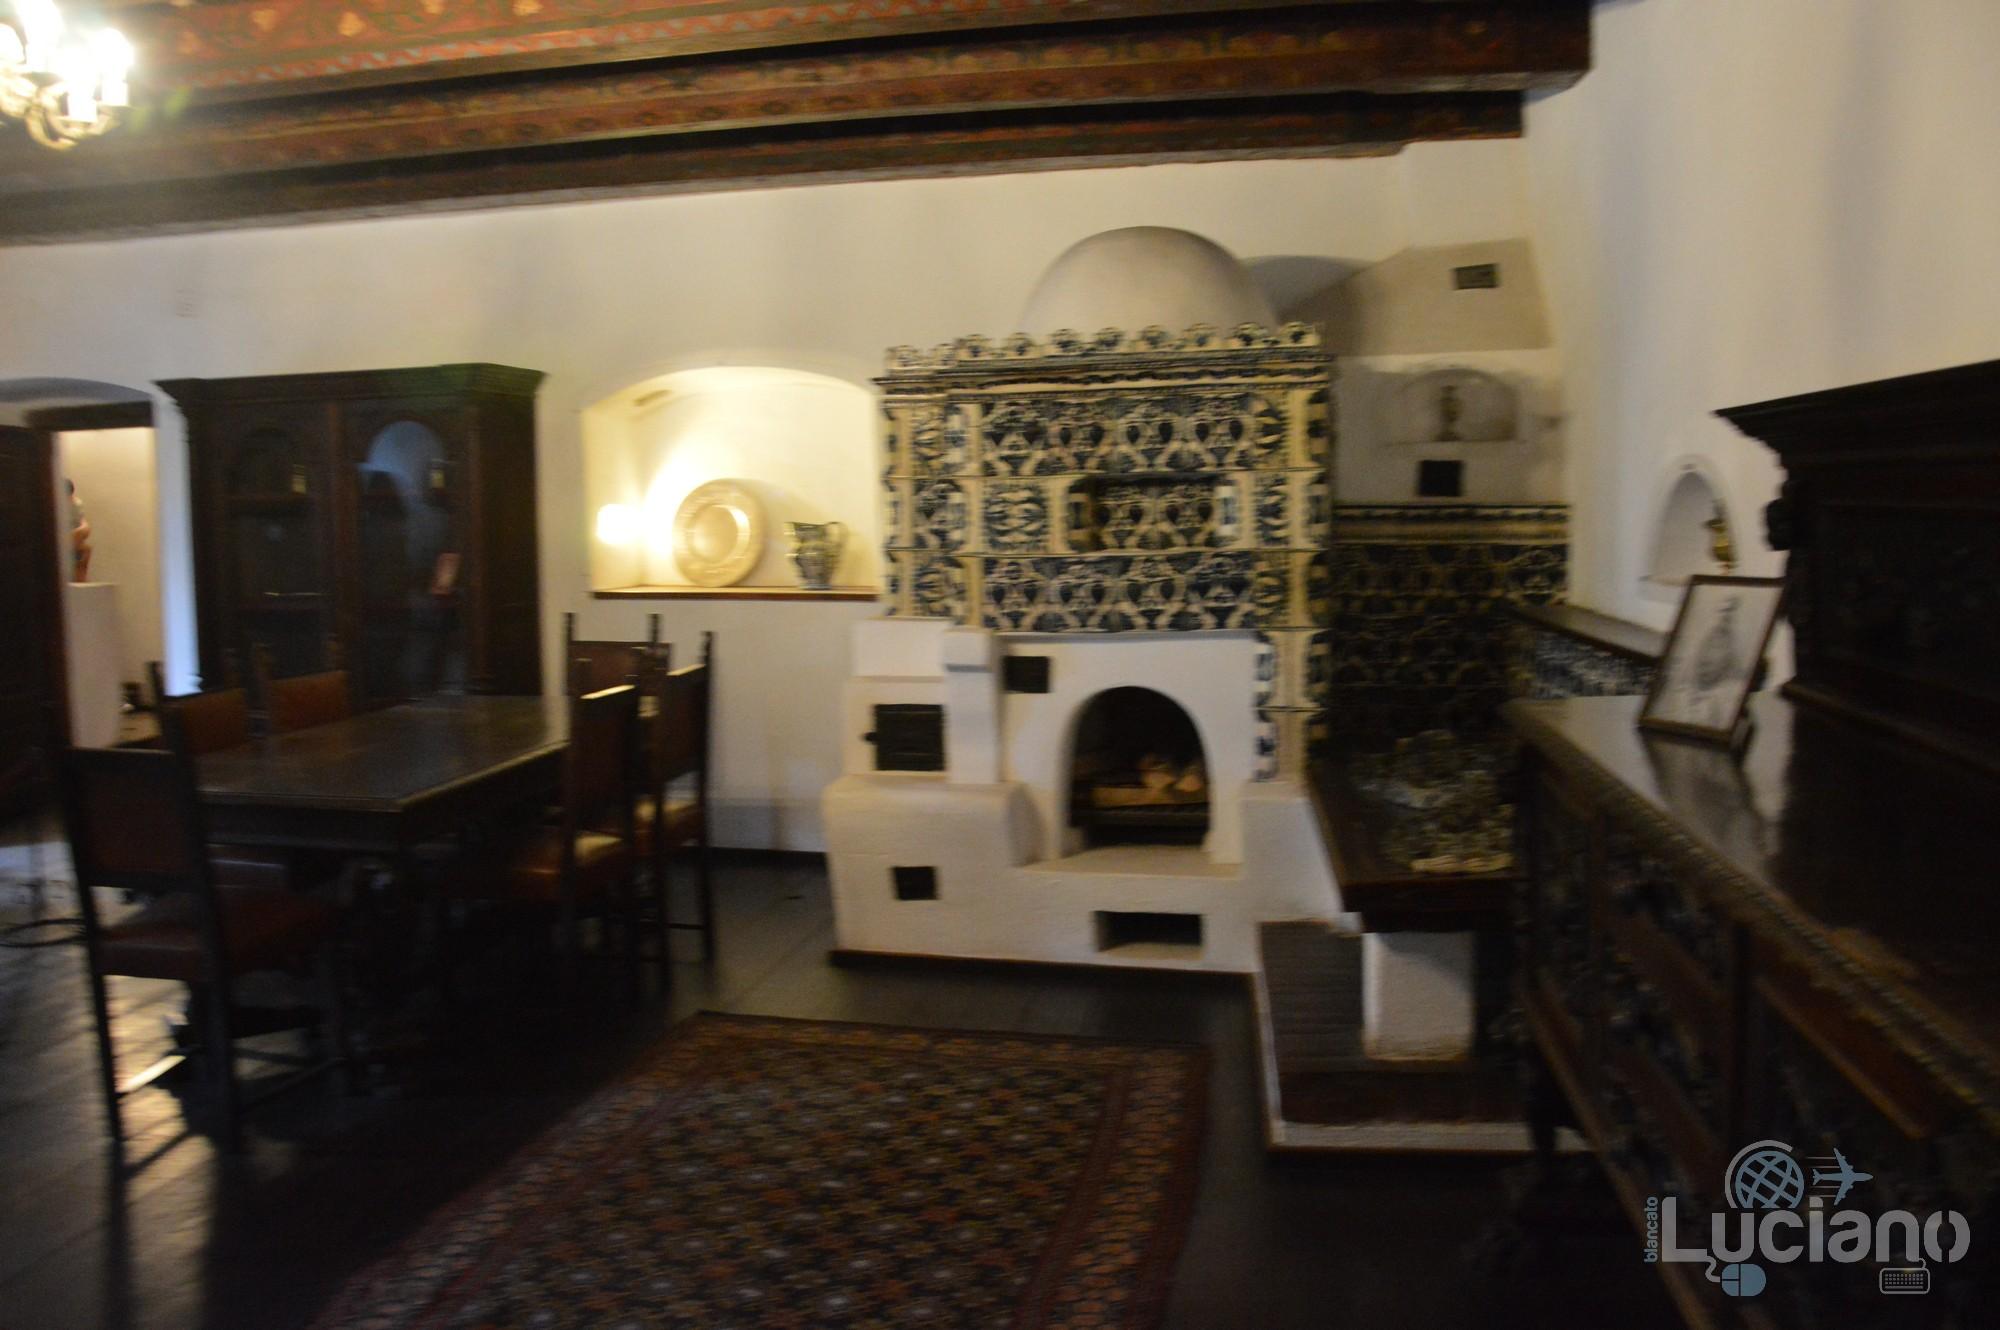 castello-di-dracula-castello-di-bran-luciano-blancato (94)